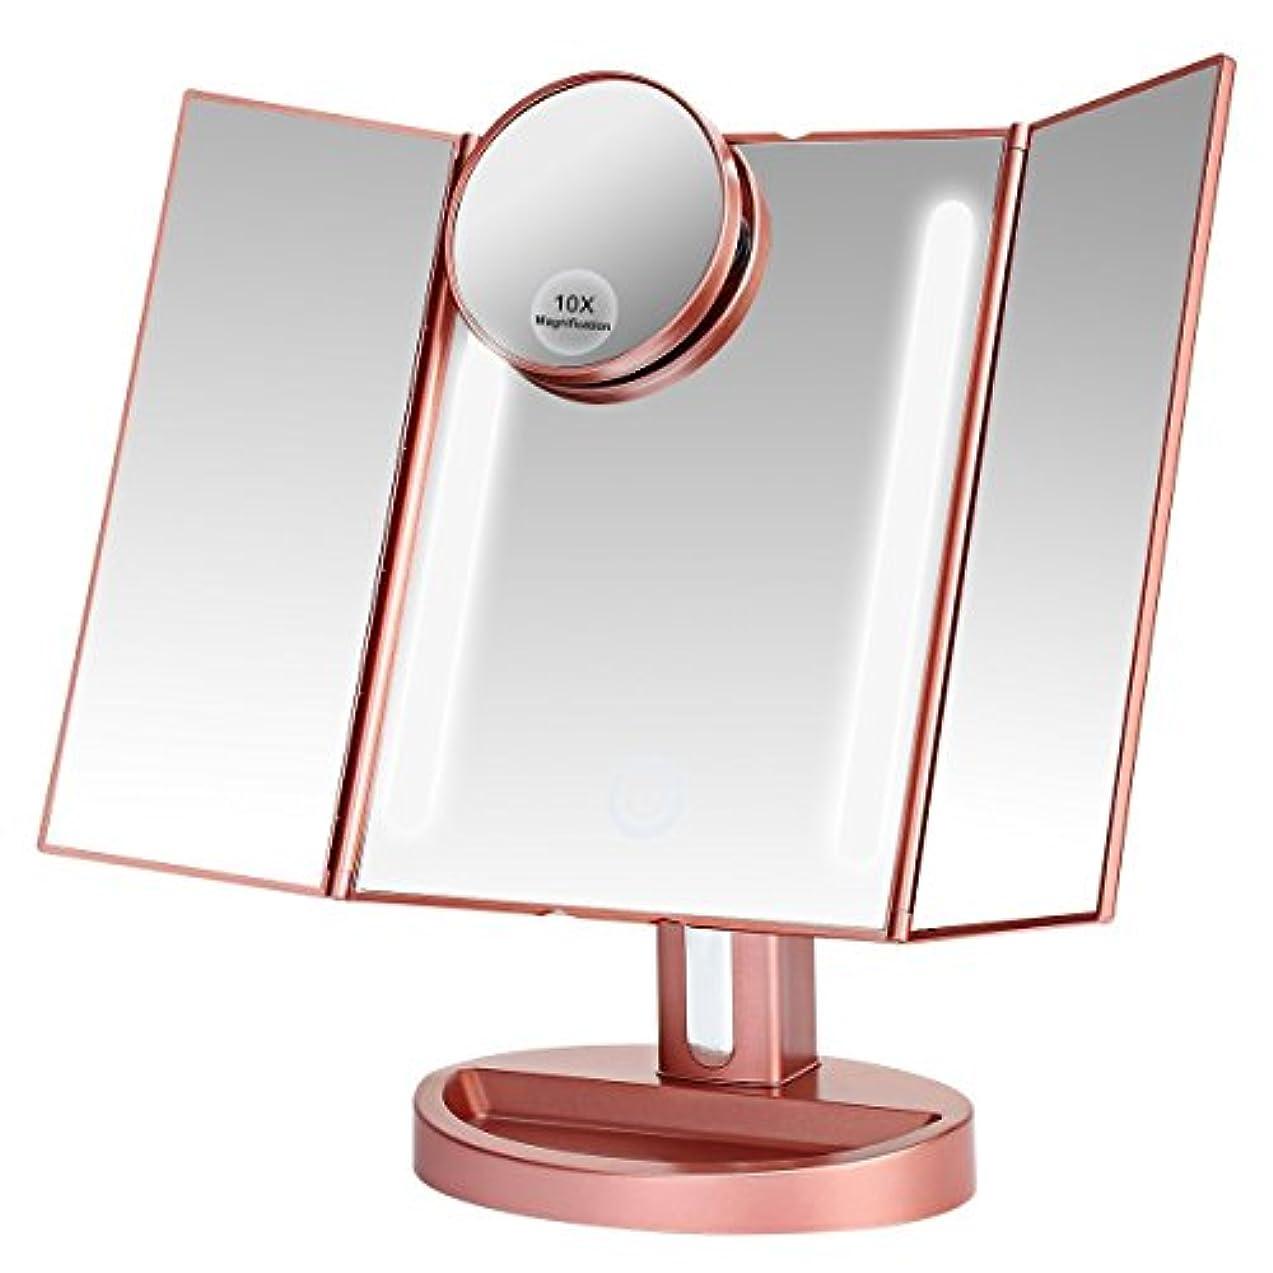 貸し手空白不安LEEPWEI 化粧鏡  LED三面鏡 折りたたみ式 10倍拡大鏡付き 明るさ調節 180度回転